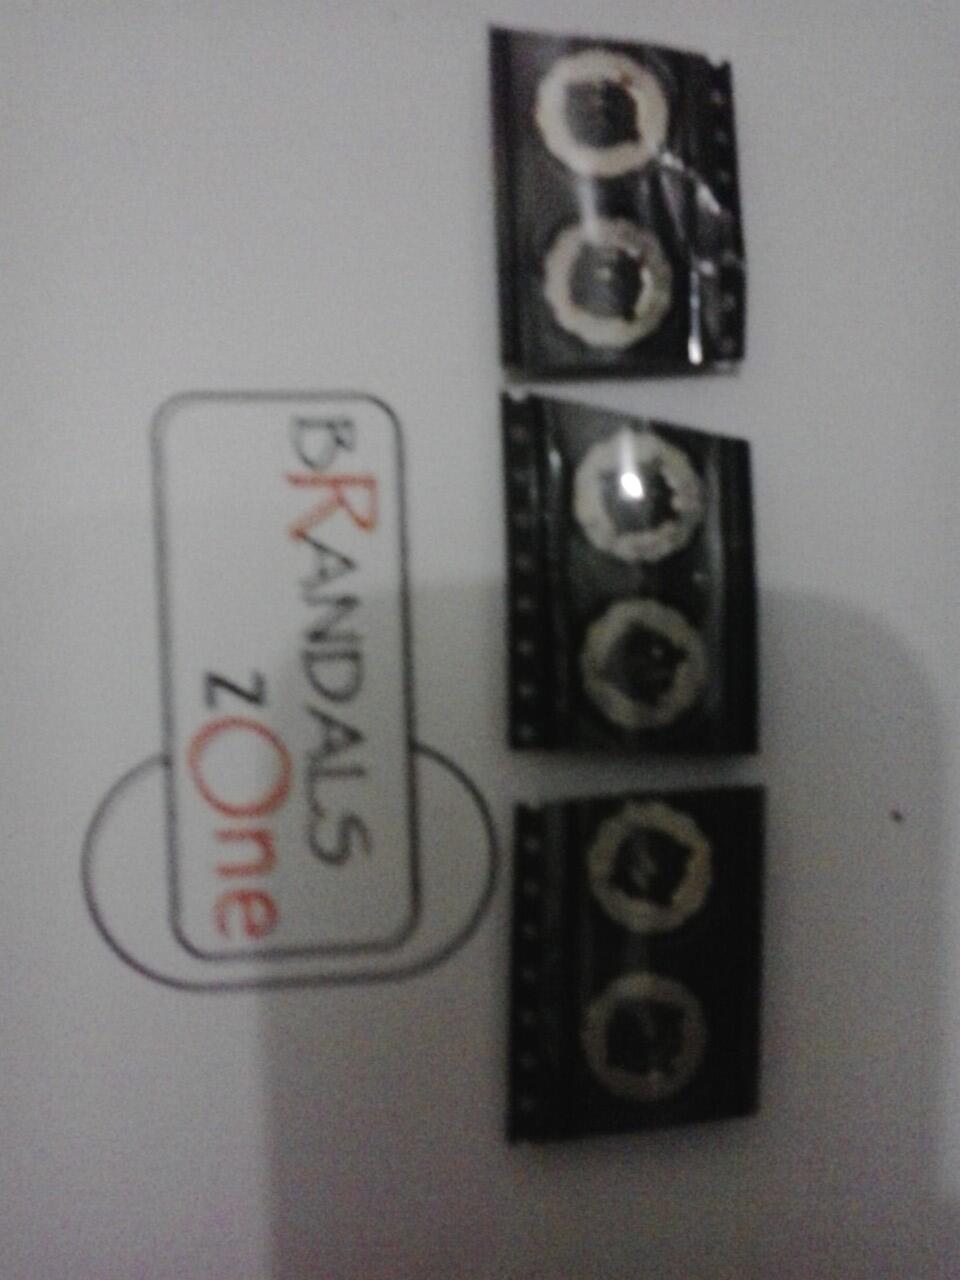 FLEXIBLE VOLUME DAN KAMERA NOKIA N79